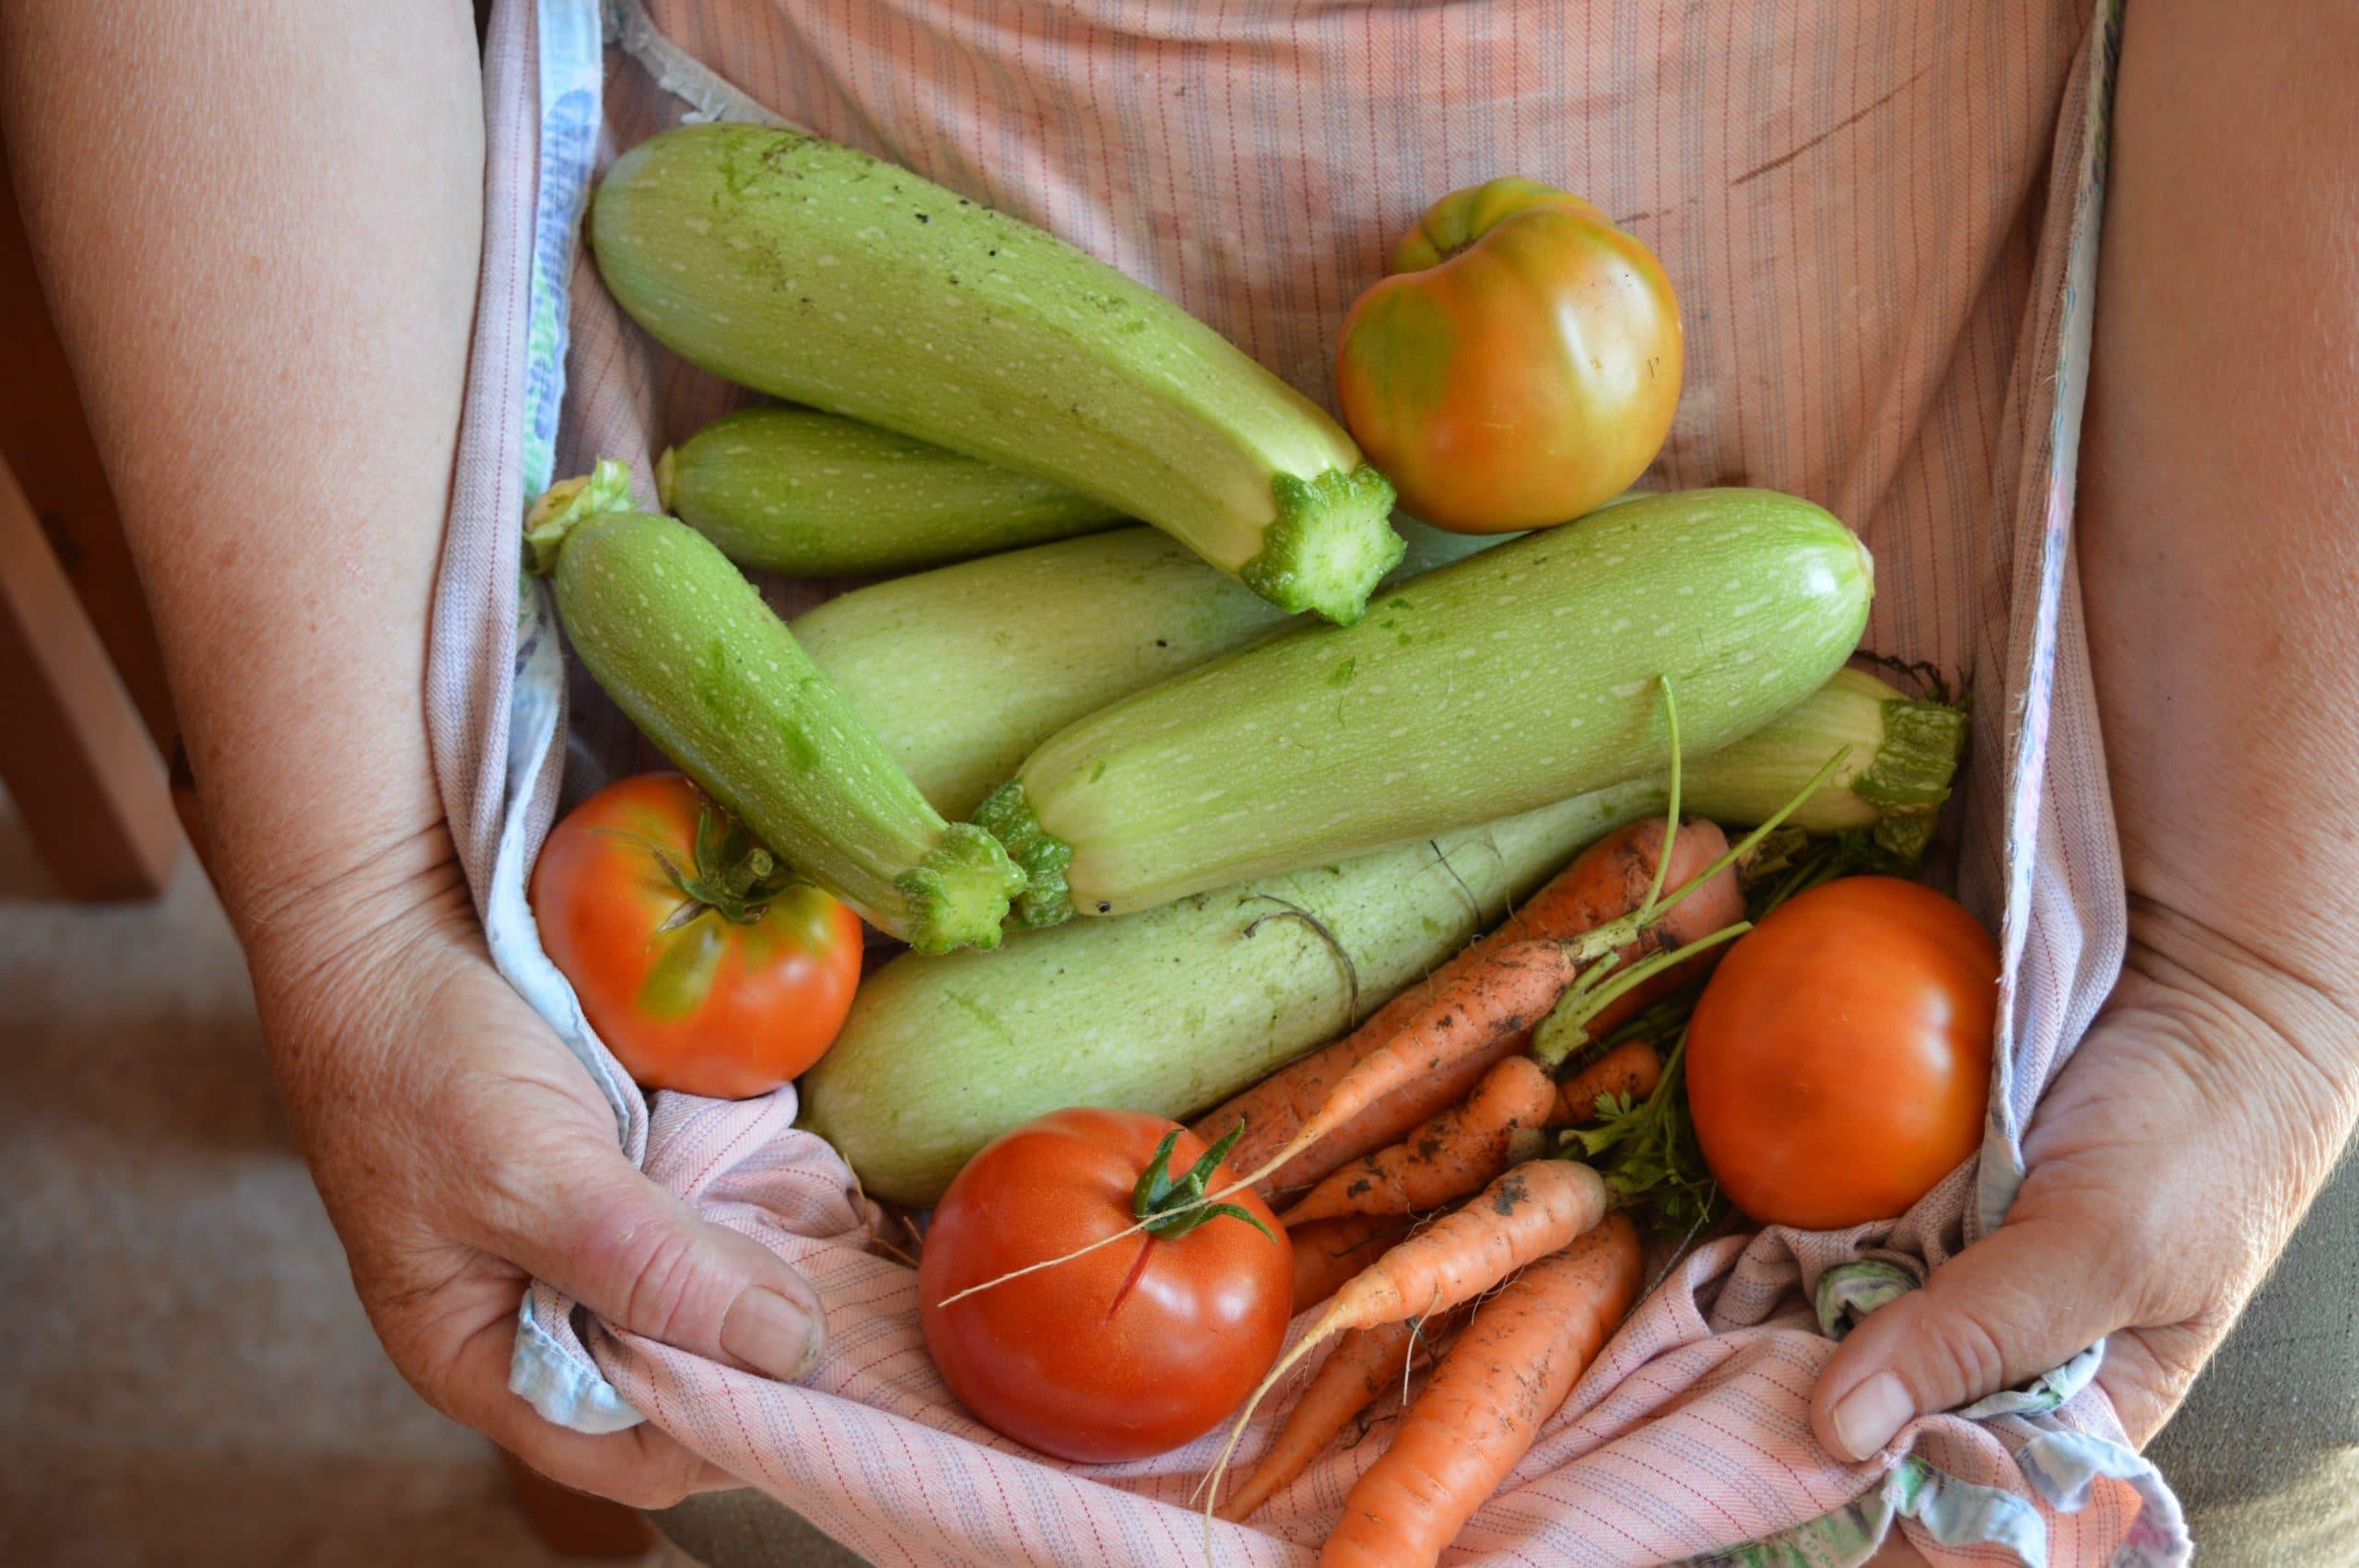 Storing Zucchini